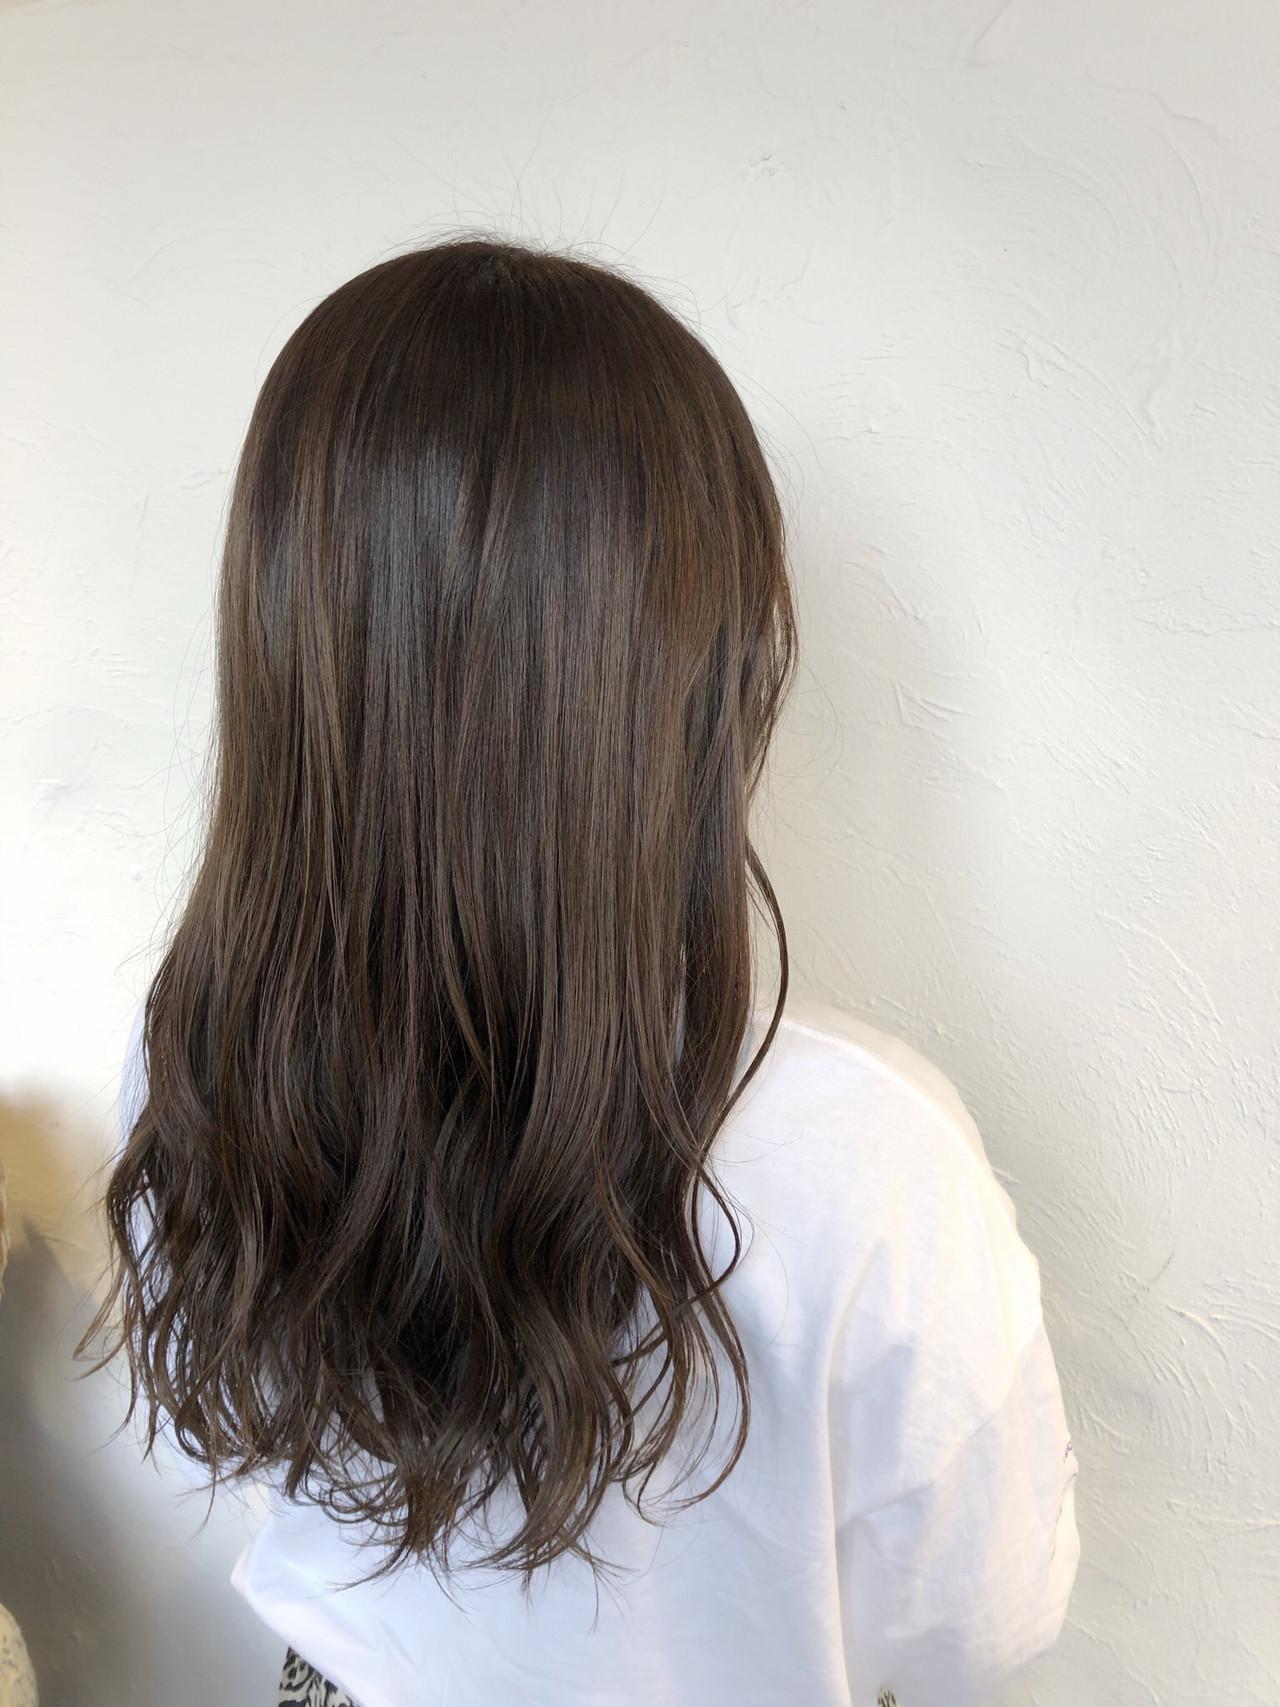 ハイライト 360度どこからみても綺麗なロングヘア ナチュラル グレージュ ヘアスタイルや髪型の写真・画像